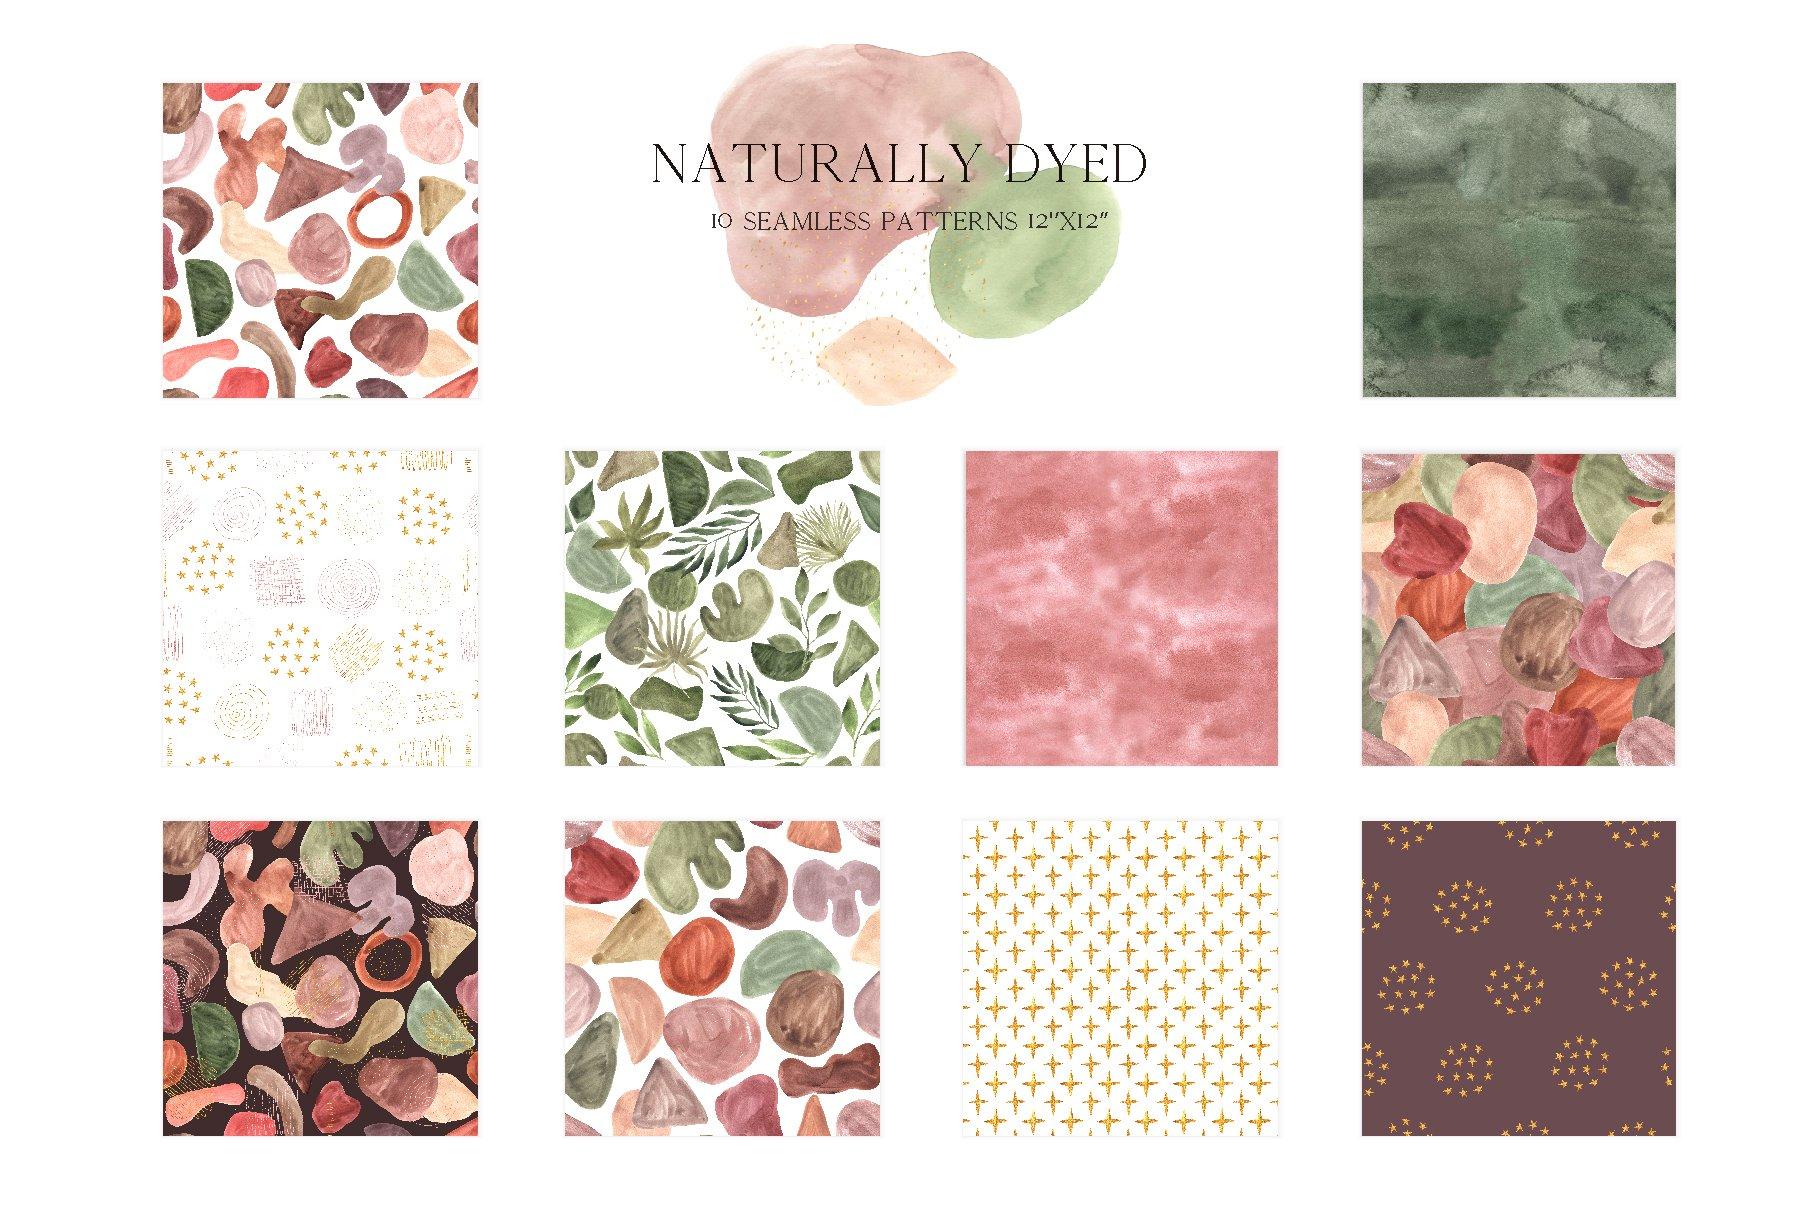 现代抽象水彩手绘植物花卉图案插画PNG免扣图片素材 Abstract Modern Watercolor Bundle插图(9)